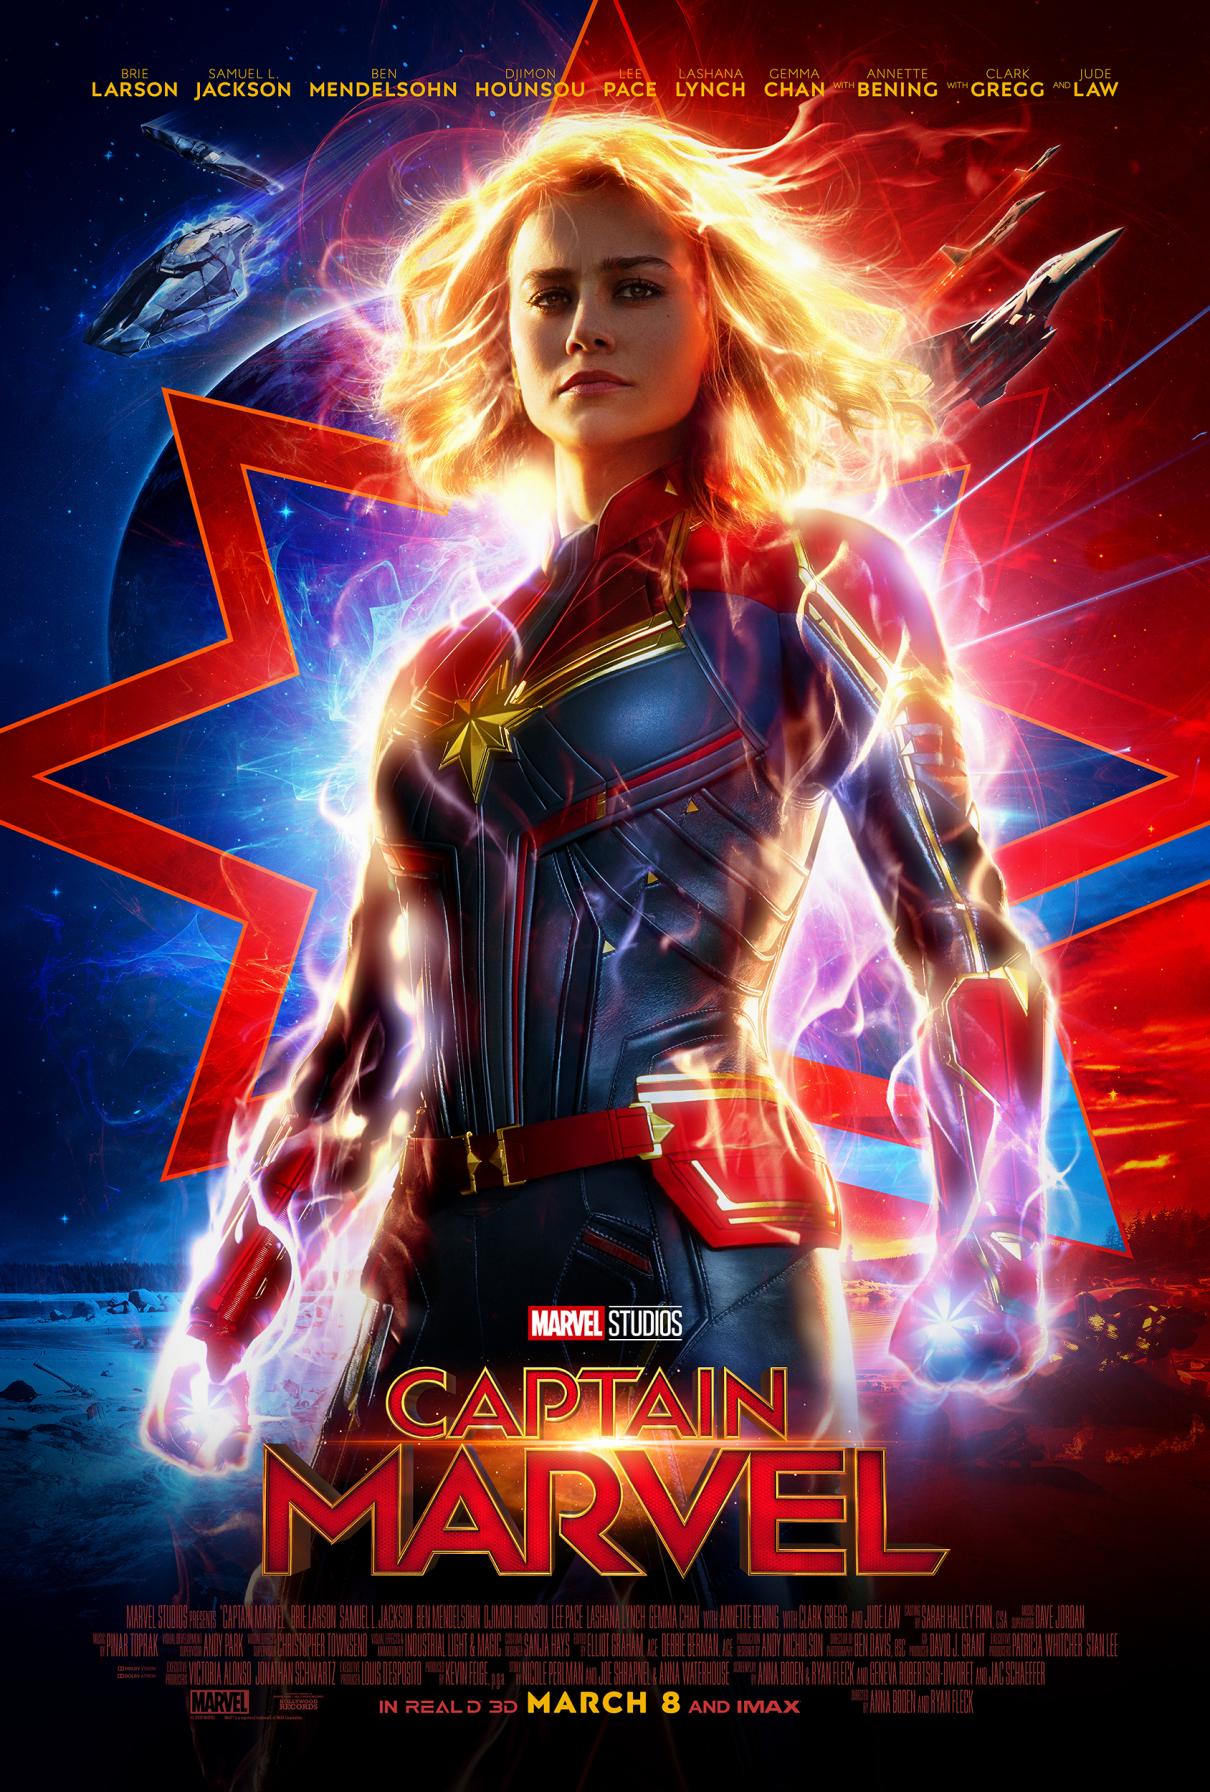 New poster for CAPT MARVEL starring Brie Larson